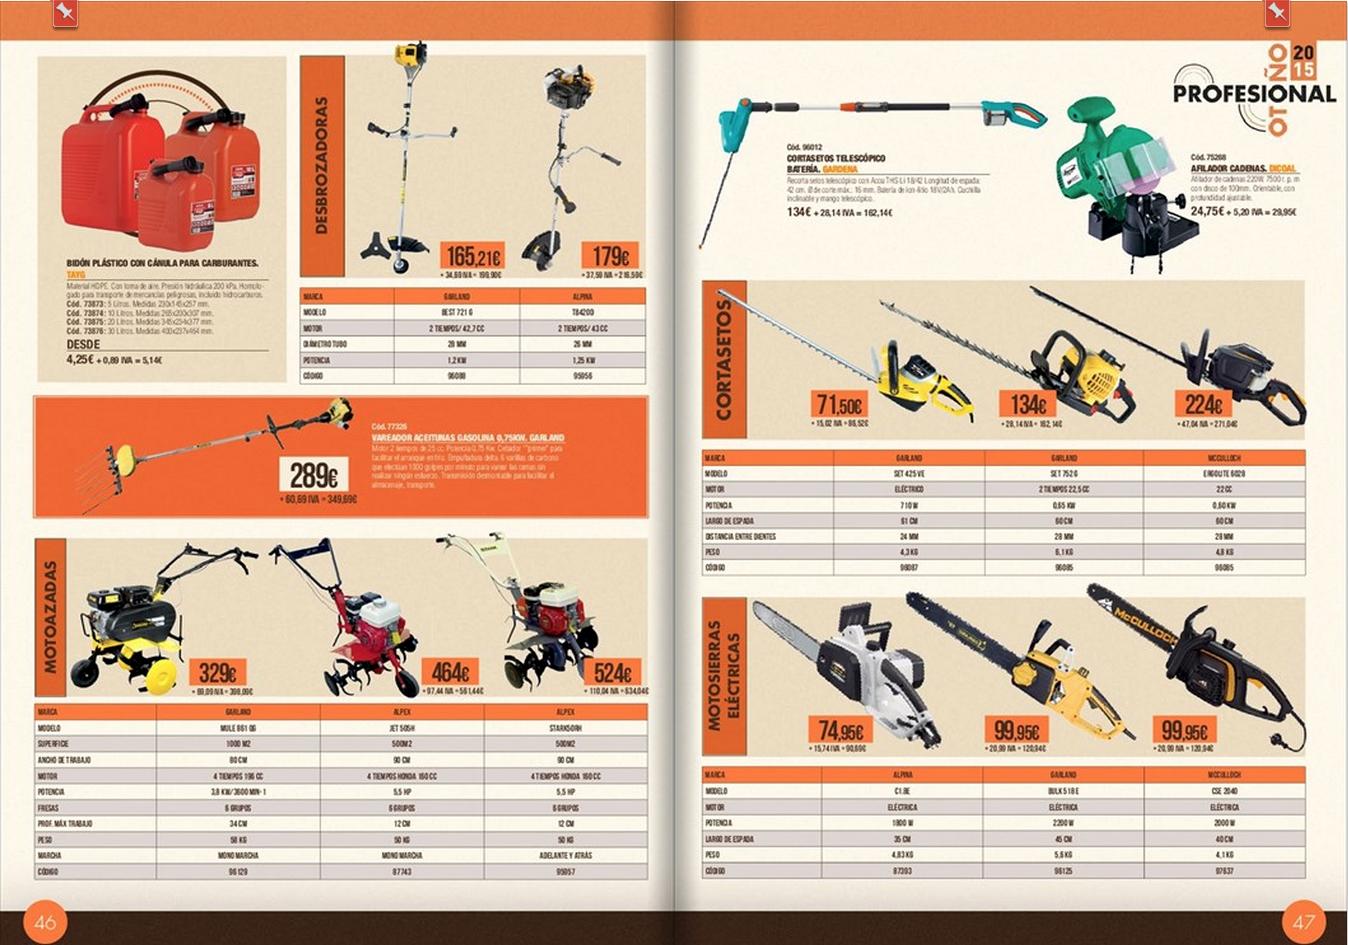 Catálogo Profesional Feinpra 2015 Ferrokey